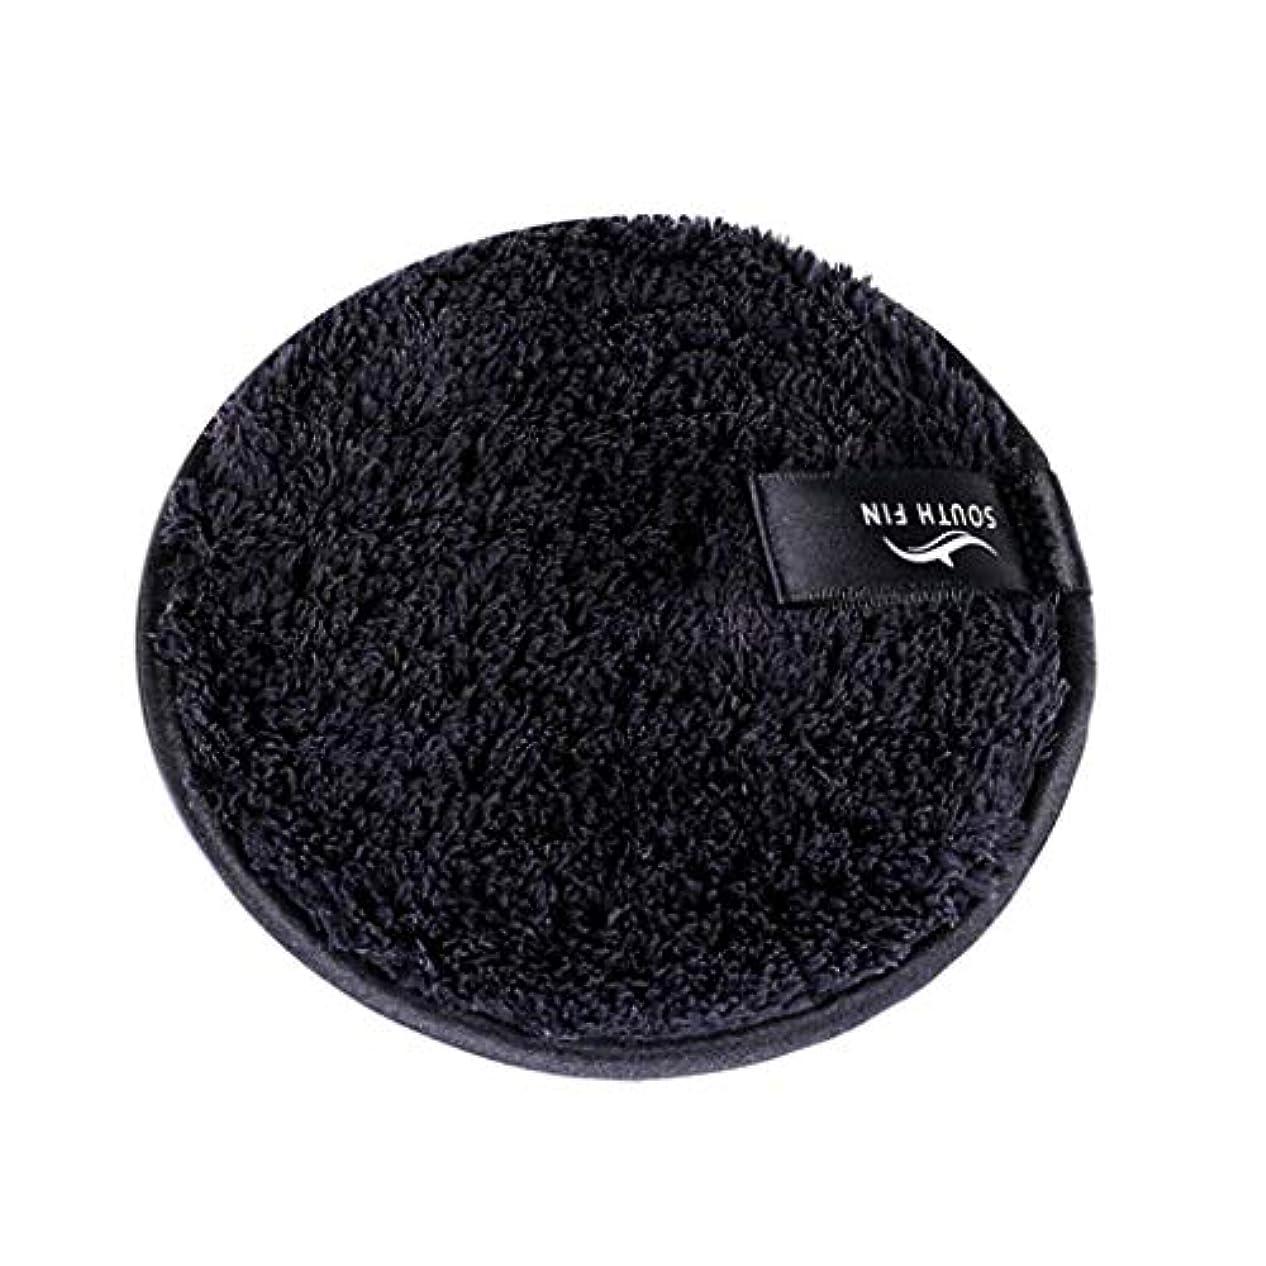 甘くする通り抜ける階リユースメイクリムーバーパッド化粧品フェイシャルクレンジングパフスポンジ - ブラック